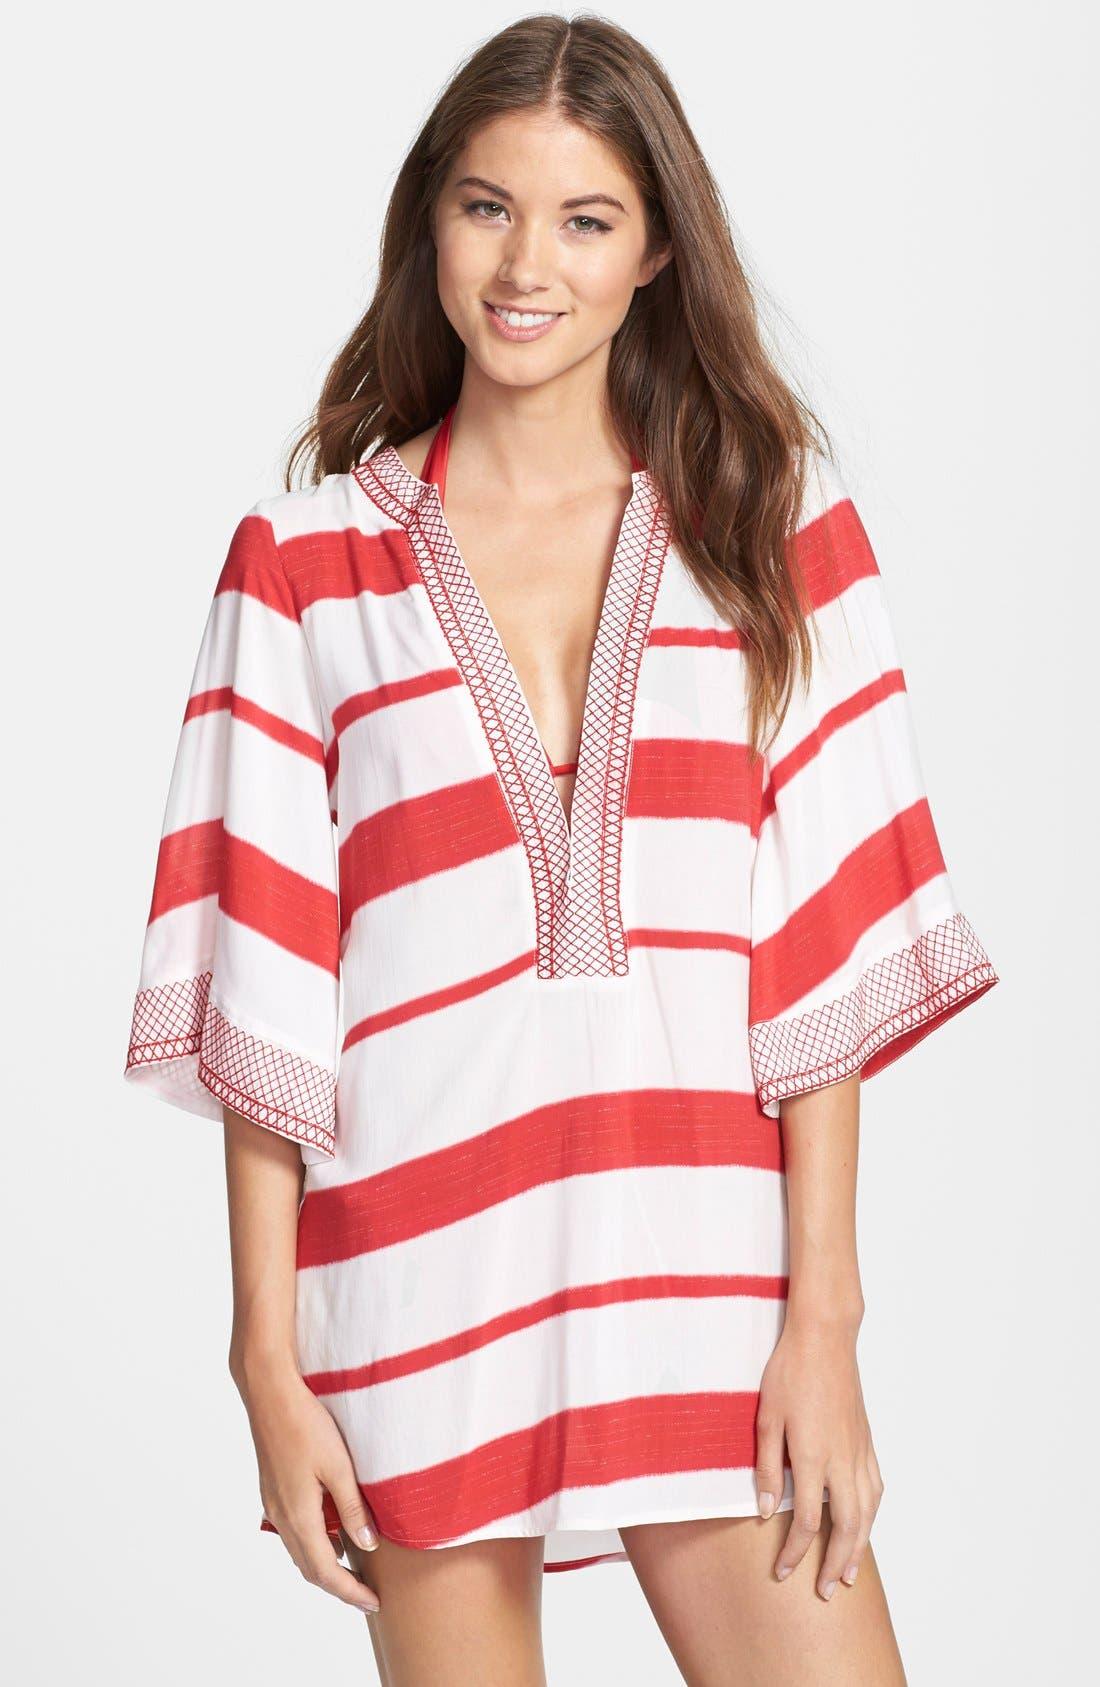 Alternate Image 1 Selected - ViX Swimwear 'Desert Helen' Stripe Cover-Up Tunic